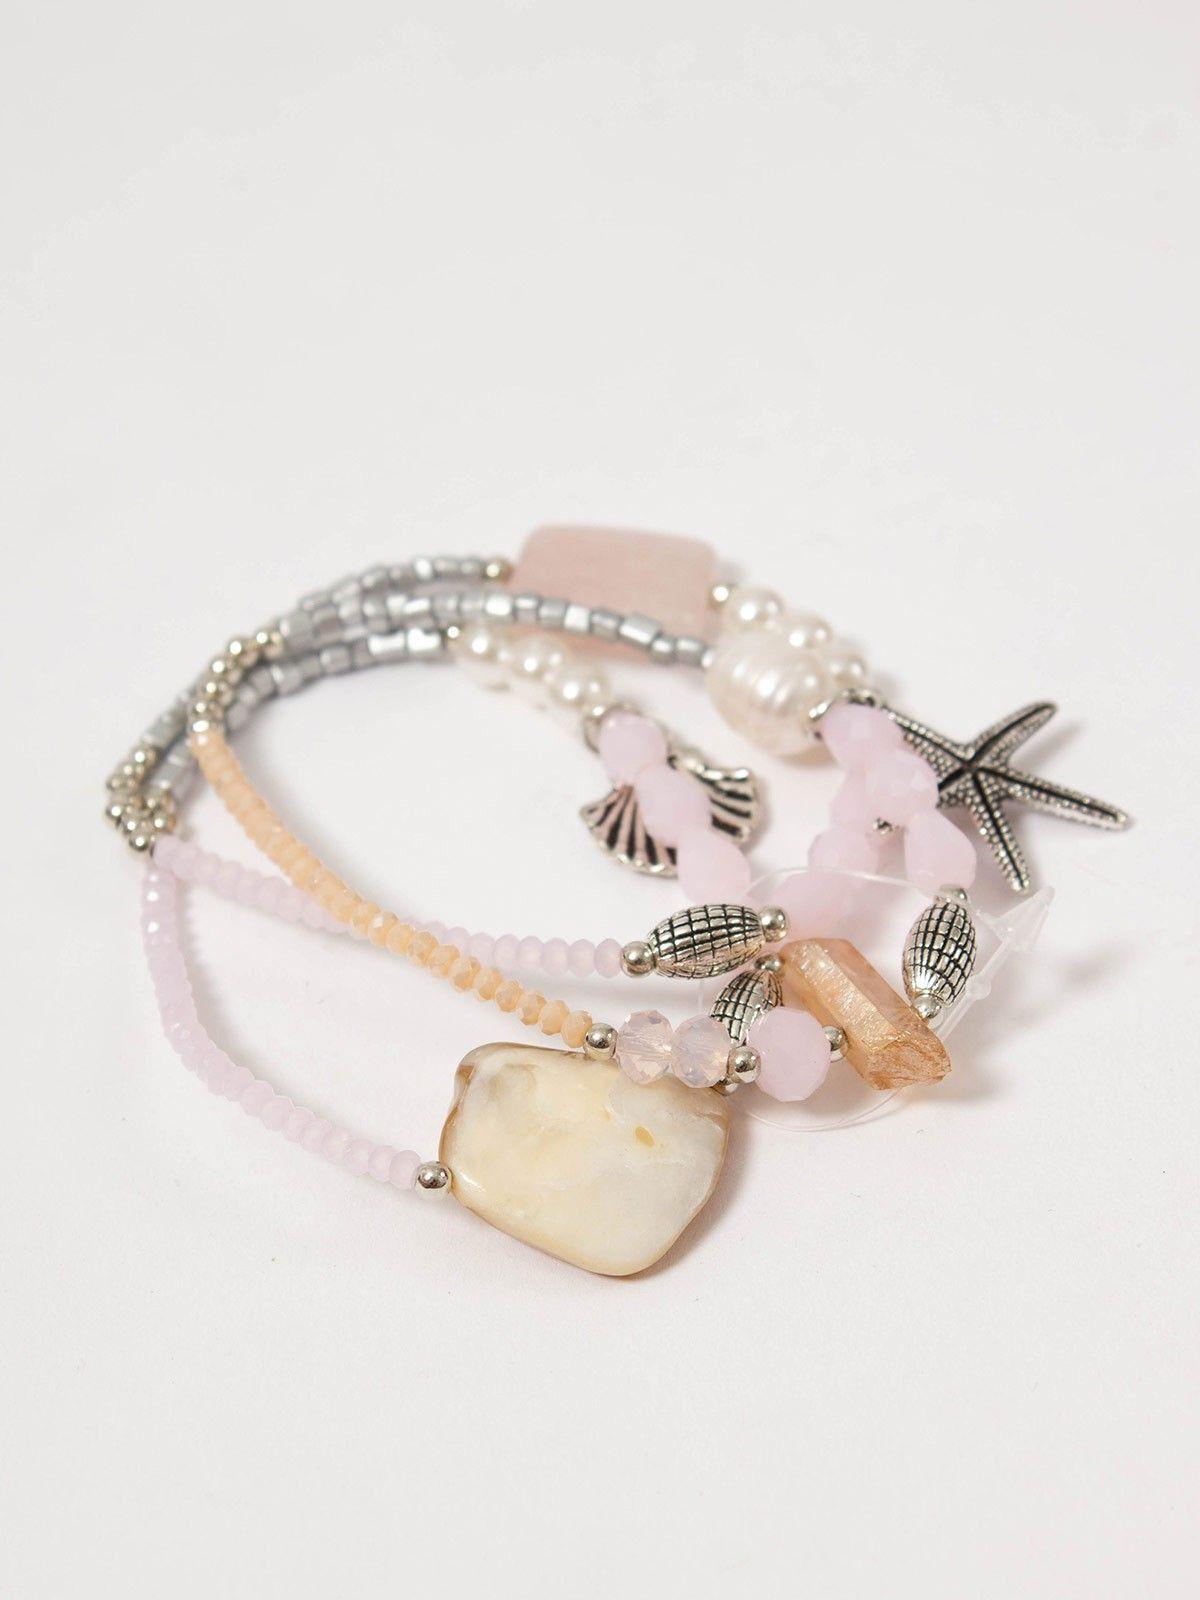 c220f266fbb9 Pulsera Oda Rosa - Conjunto de tres pulseras elástica compuesta por piezas  en color rosa y